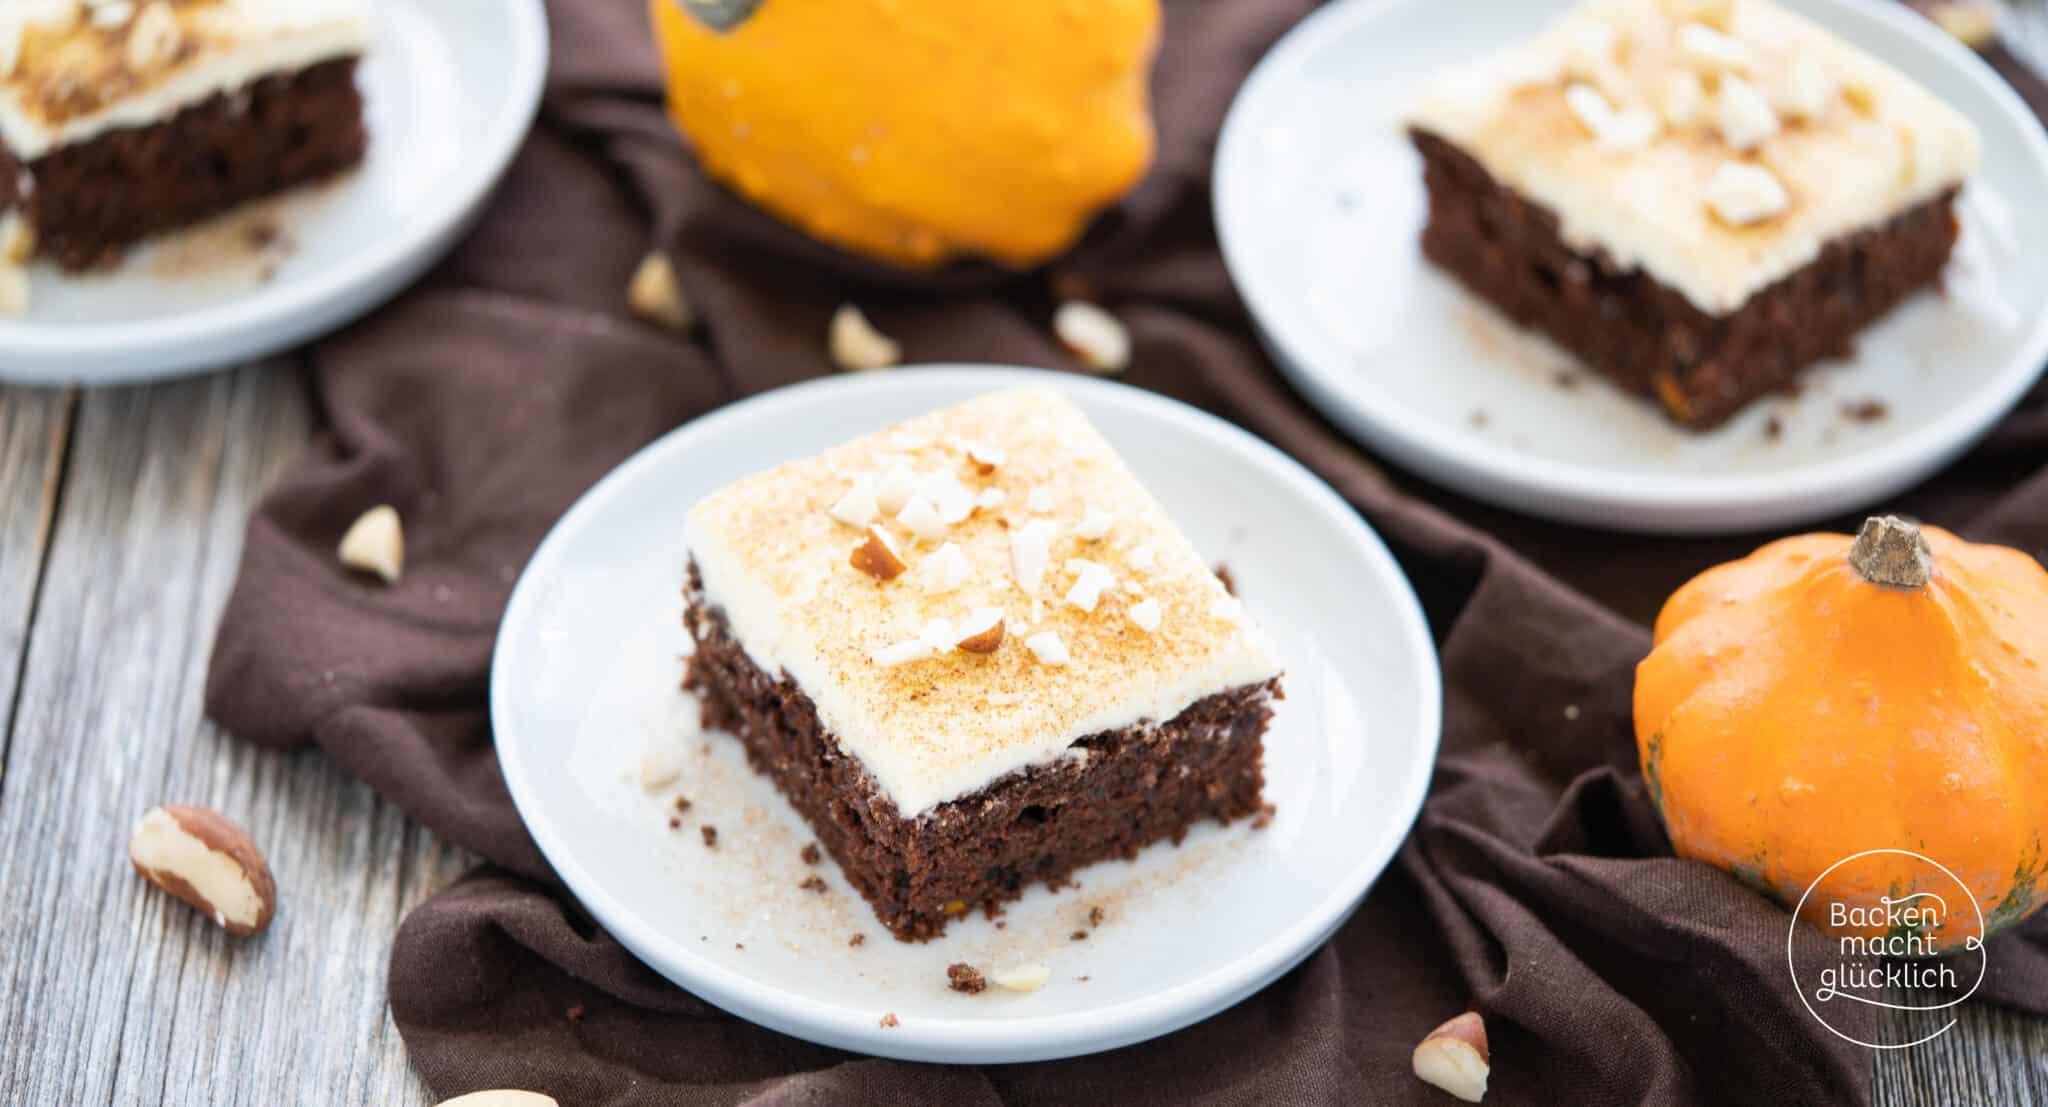 Saftiger Kürbis-Schoko-Kuchen  Backen macht glücklich